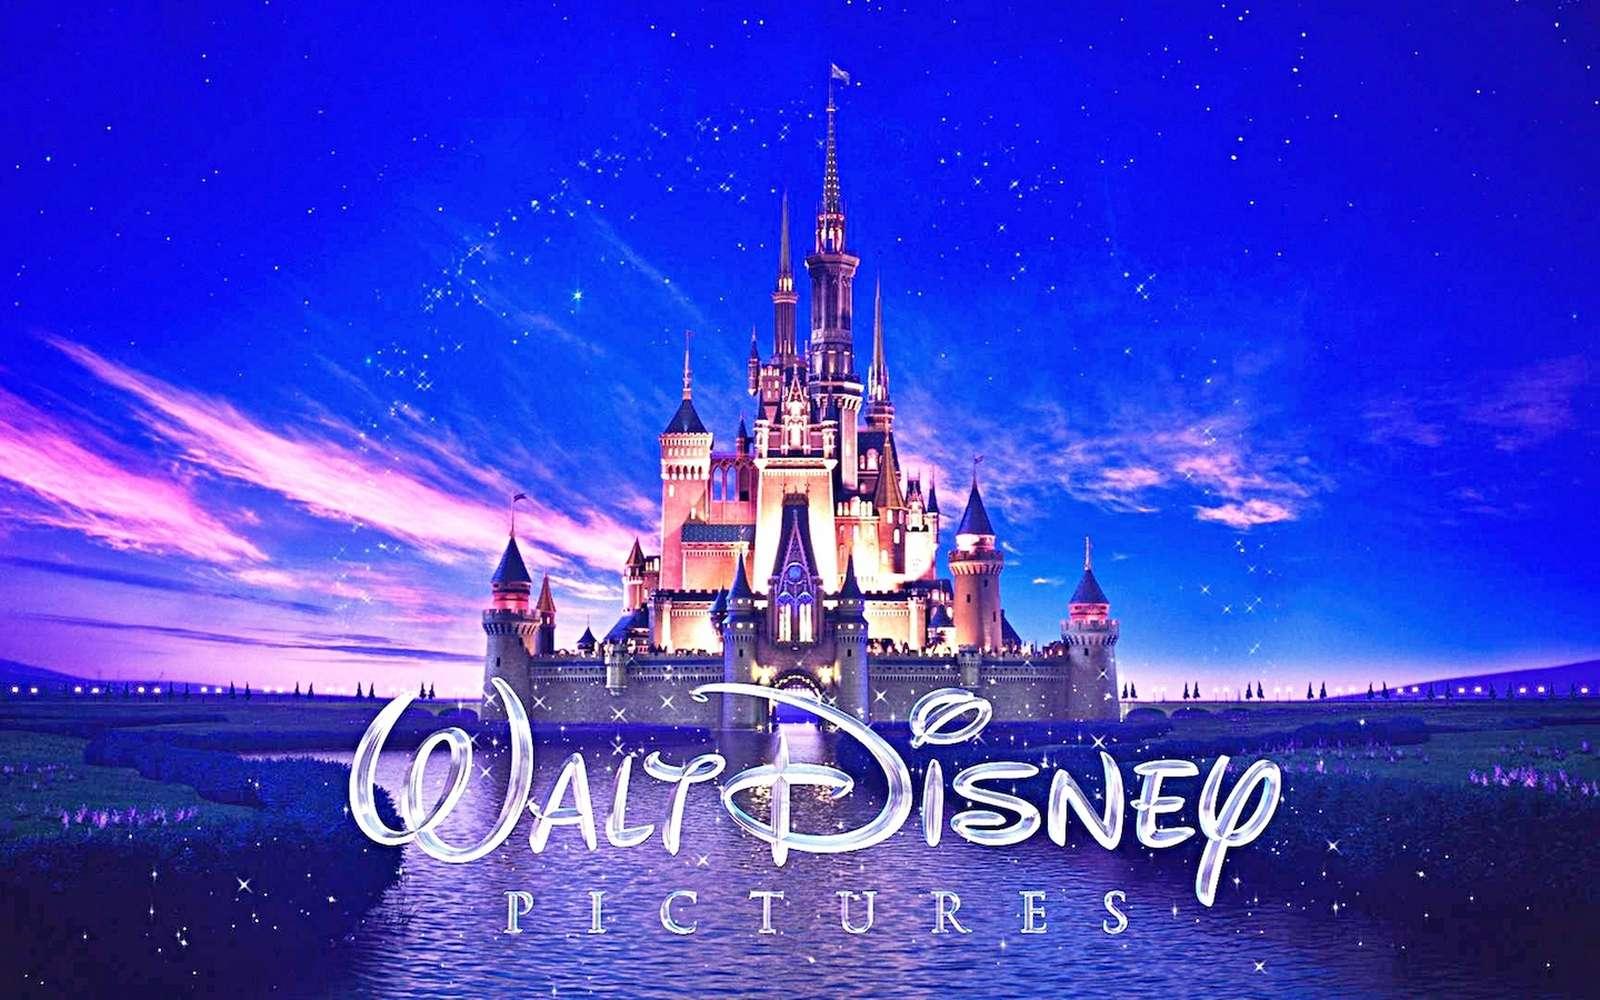 Disney+ arrive le 12 novembre aux États-Unis, et à partir de 2020, dans les autres régions du monde. © Disney